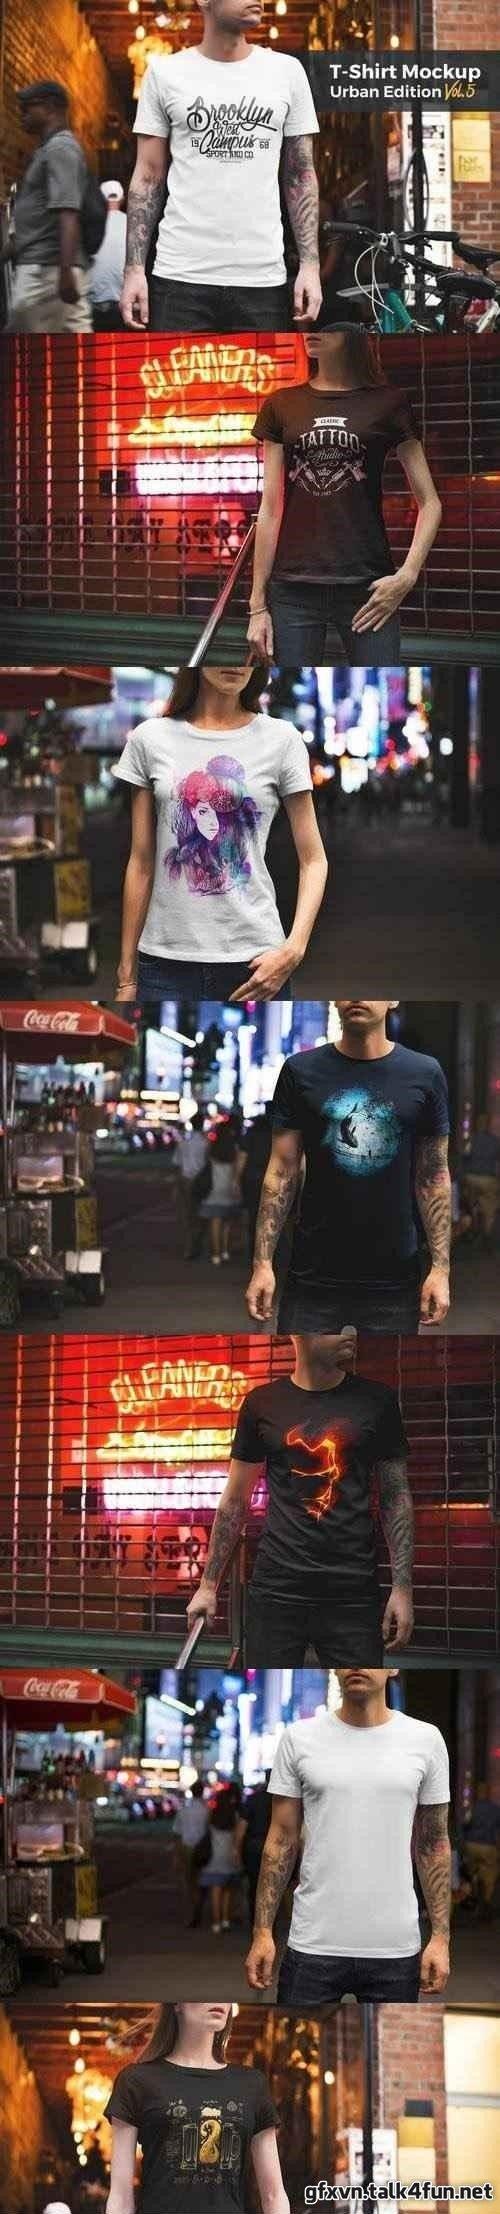 Download Mockup Mockups Mockupdesign Mockuplove Mockupcek Mockuptshirt Mockupcloud Mockuplogo Mockuptemplates Mockup Shirt Mockup Tshirt Mockup Tshirt Designs